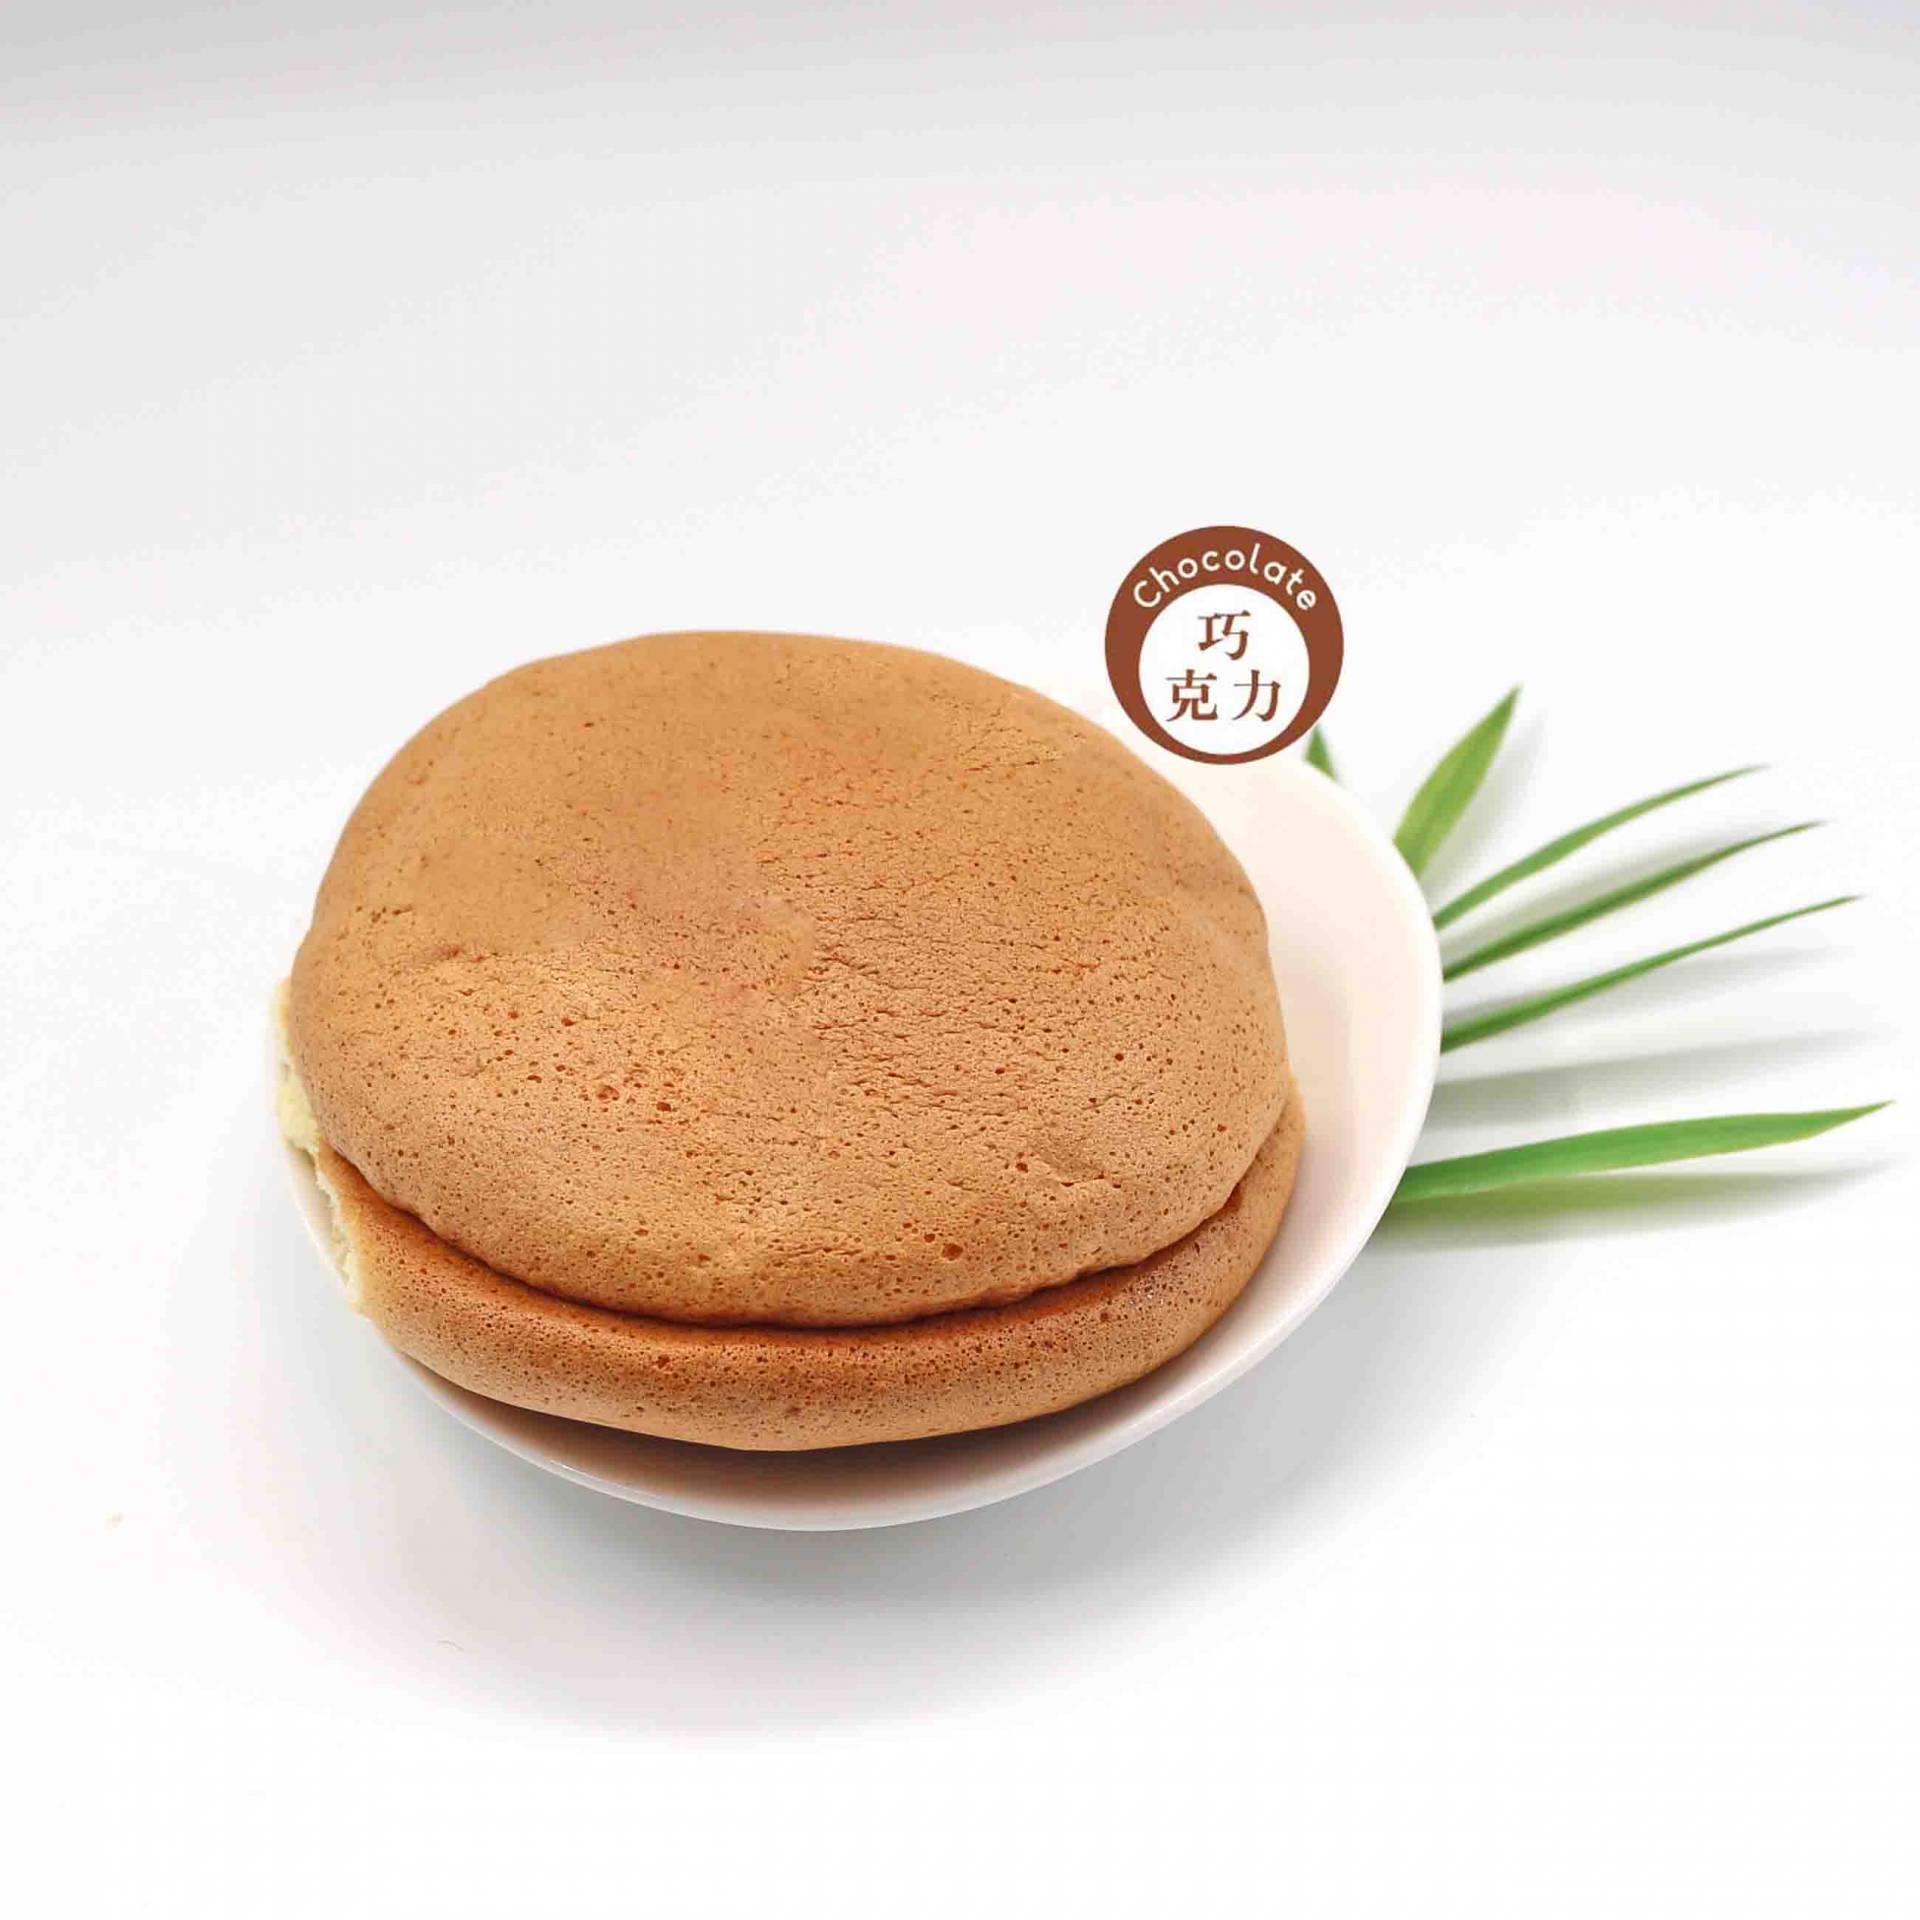 Pancake - Chocolate